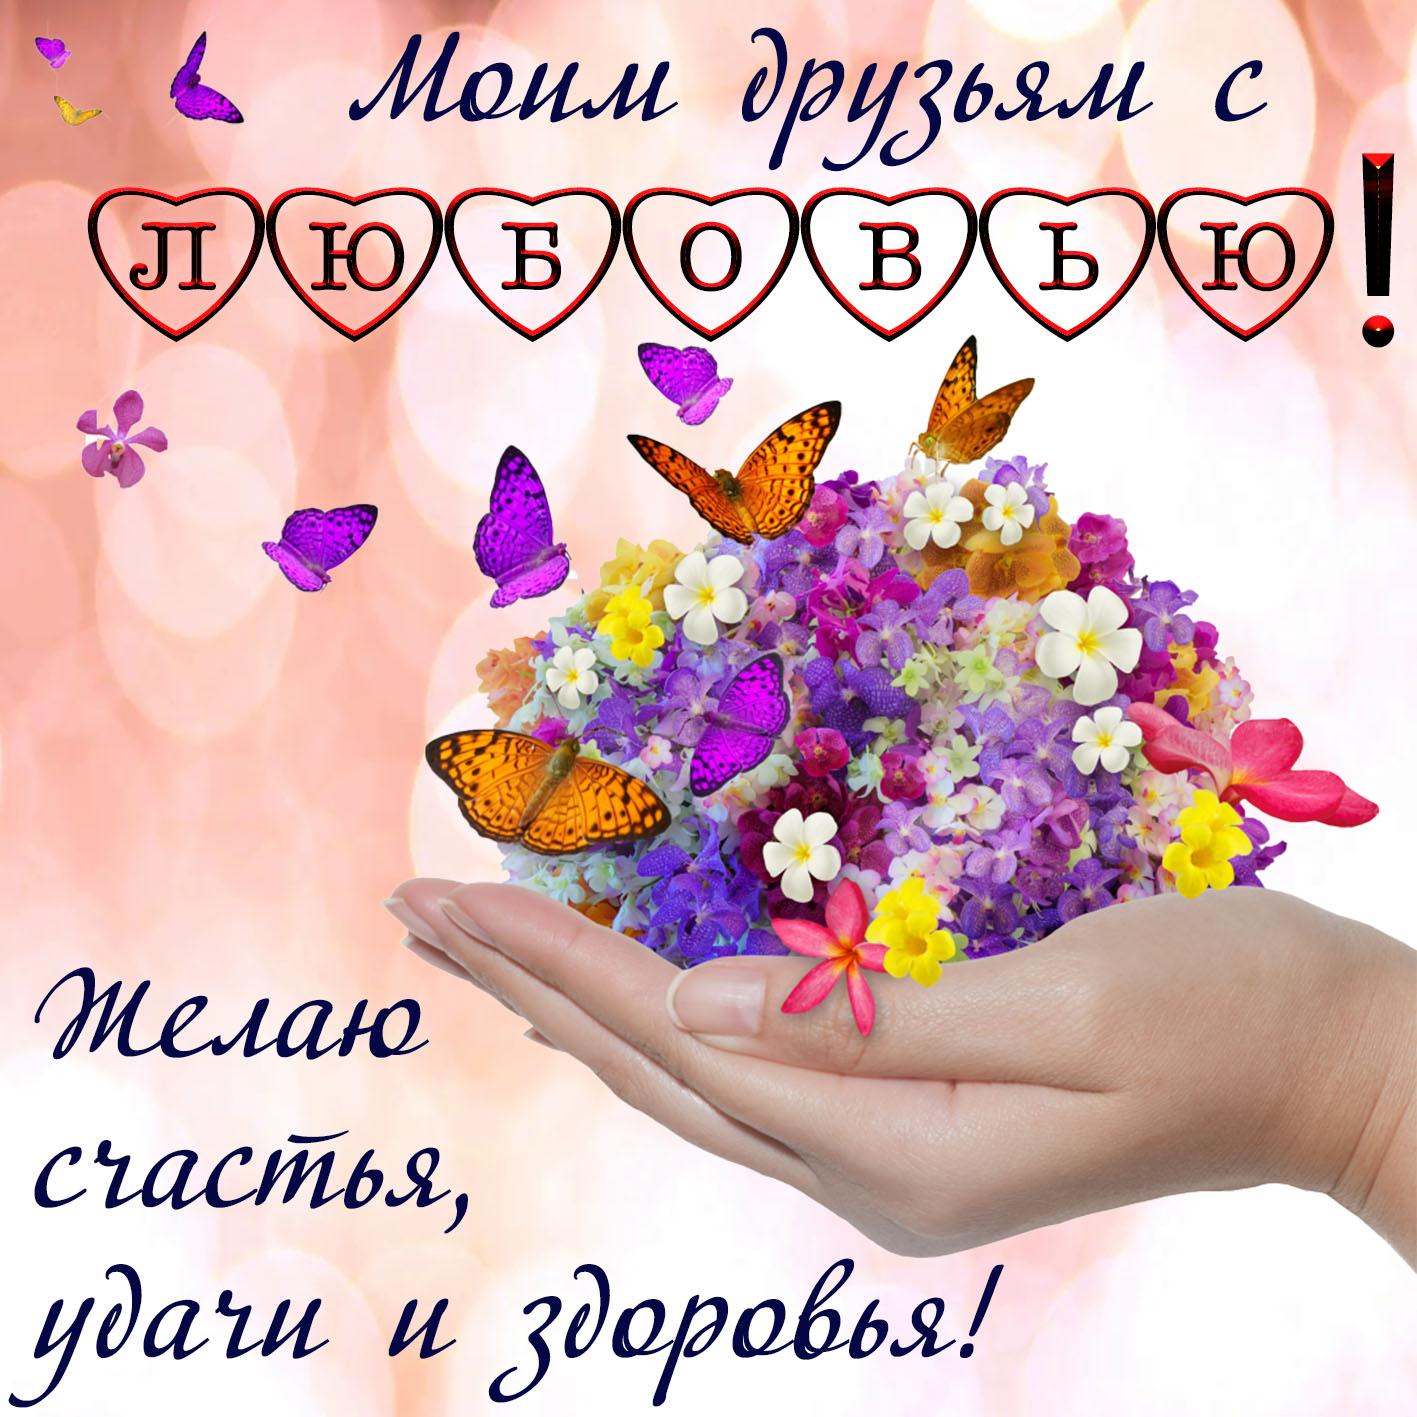 Милые открытки моим друзьям с любовью 002